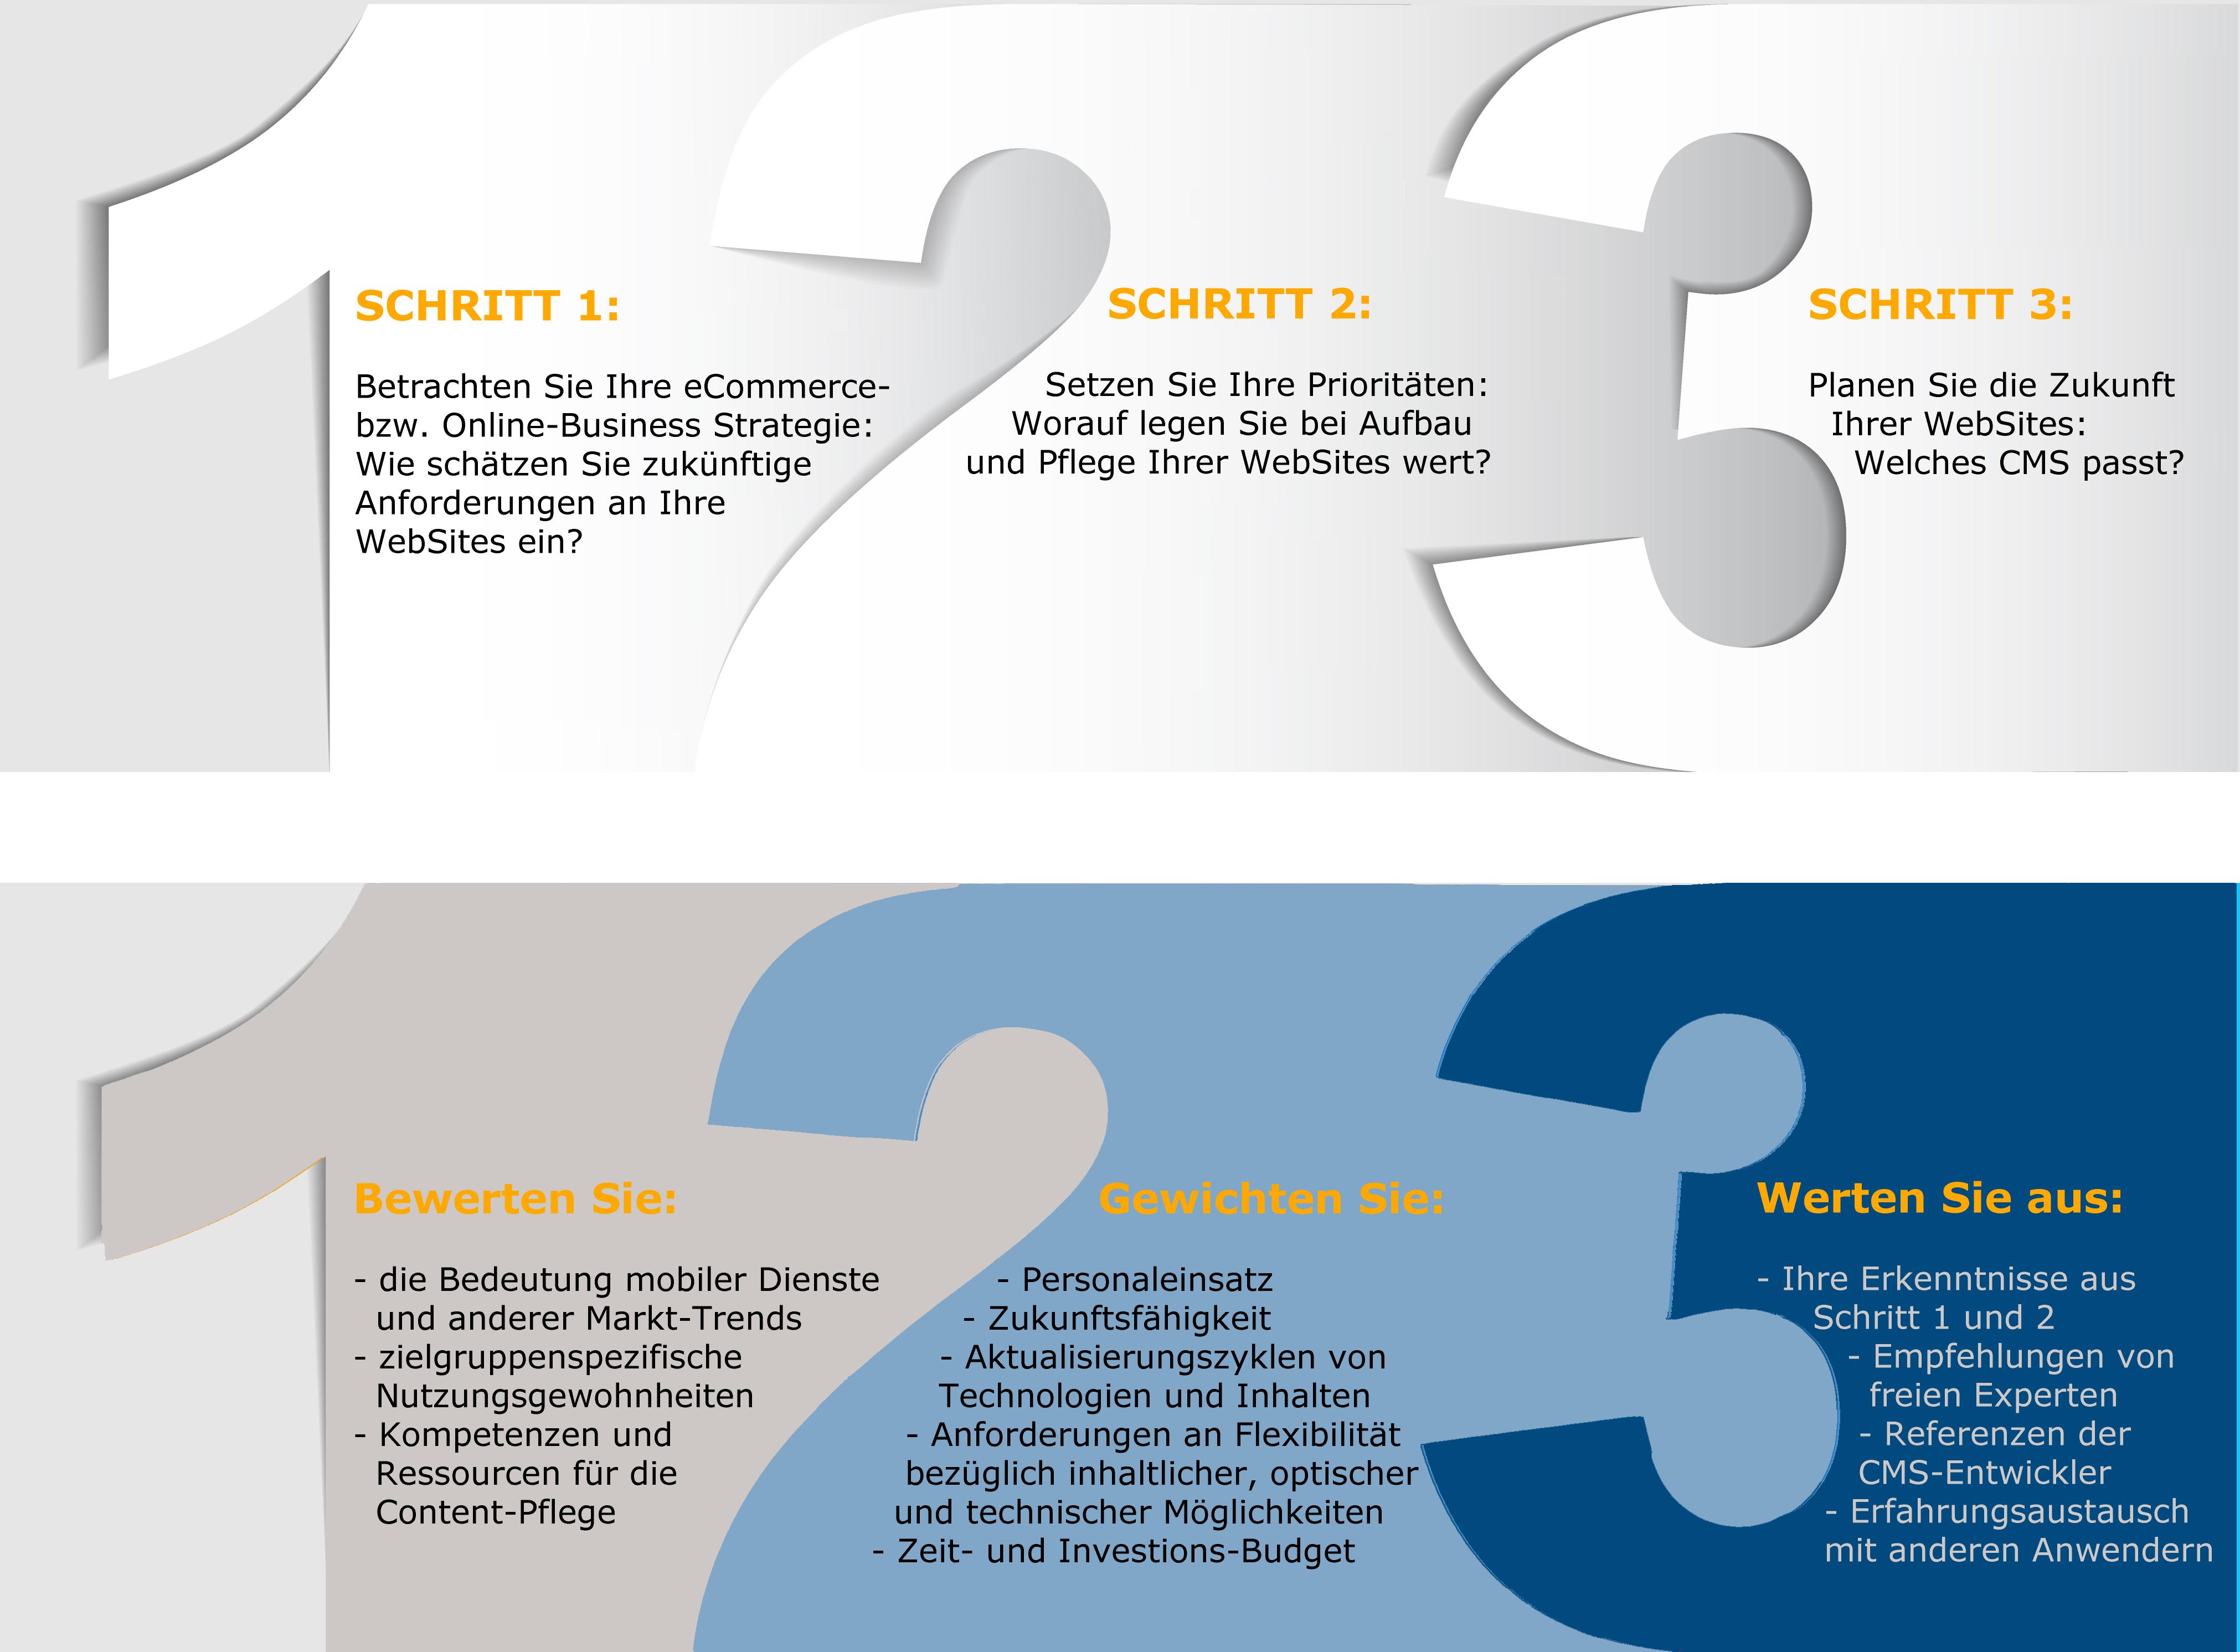 Drei Schritte zur Entscheidung für das passende CMS